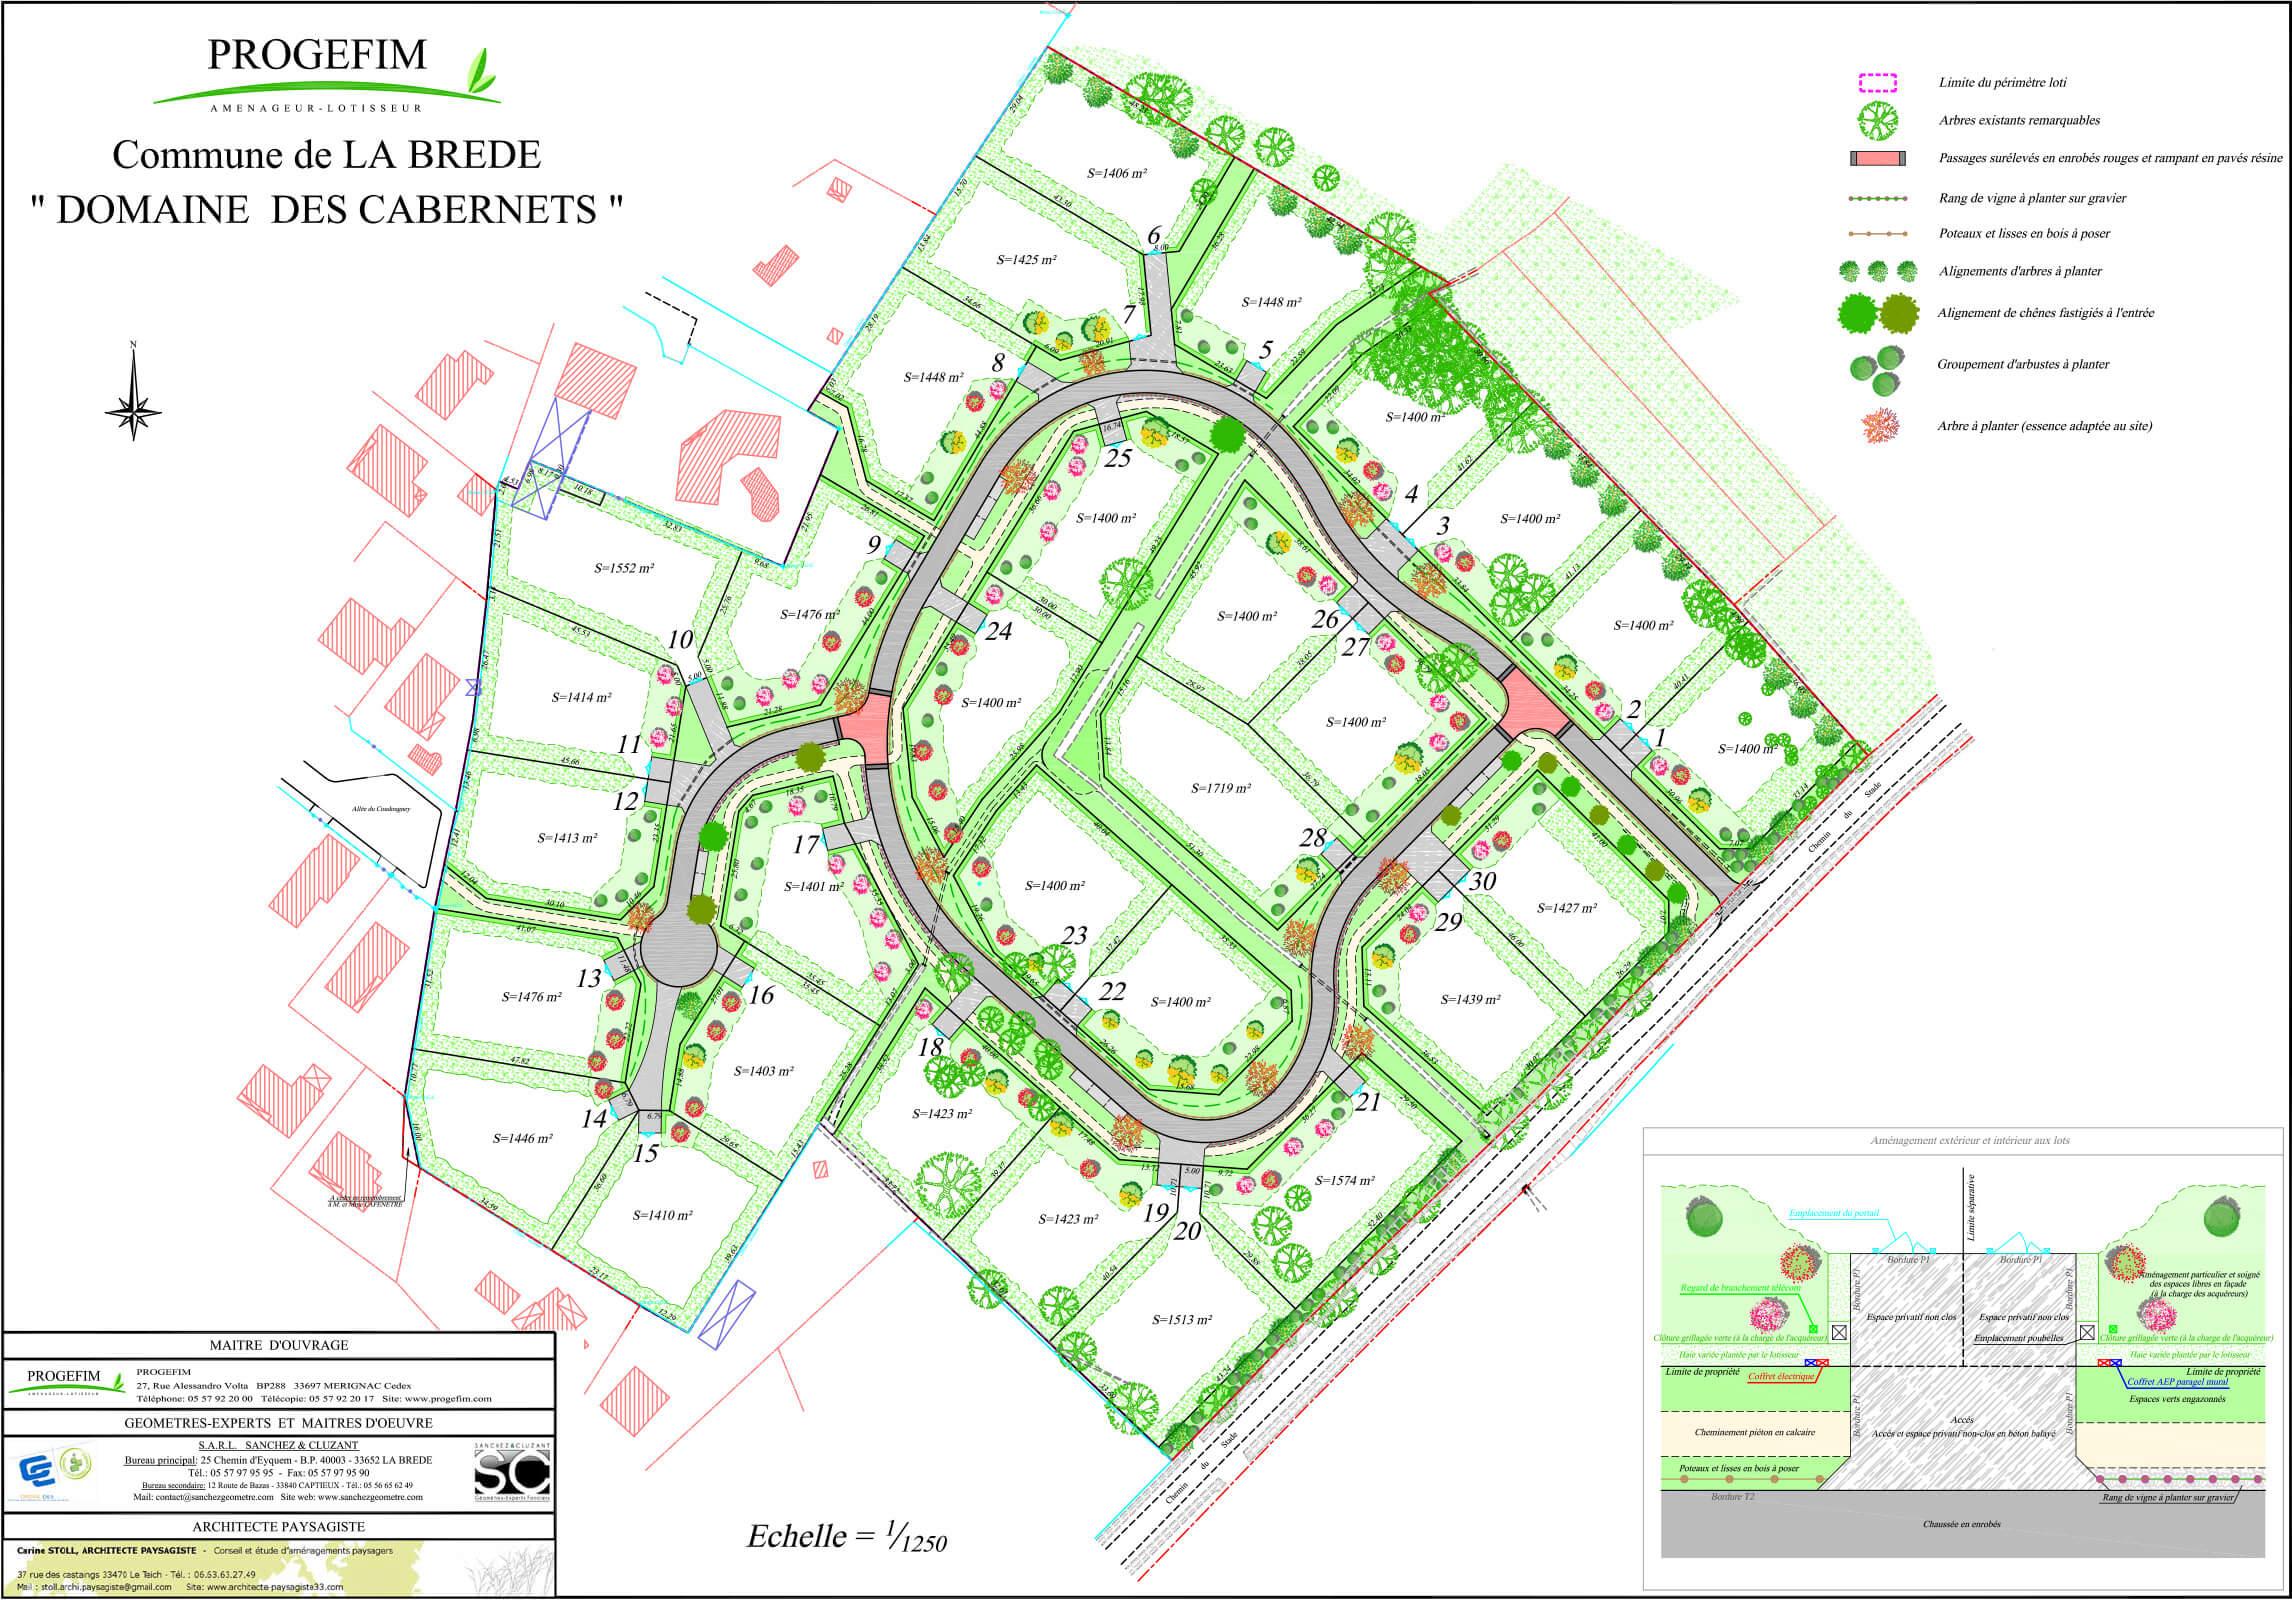 Terrain A Vendre Gironde 33 La Brede Le Domaine Des Cabernets